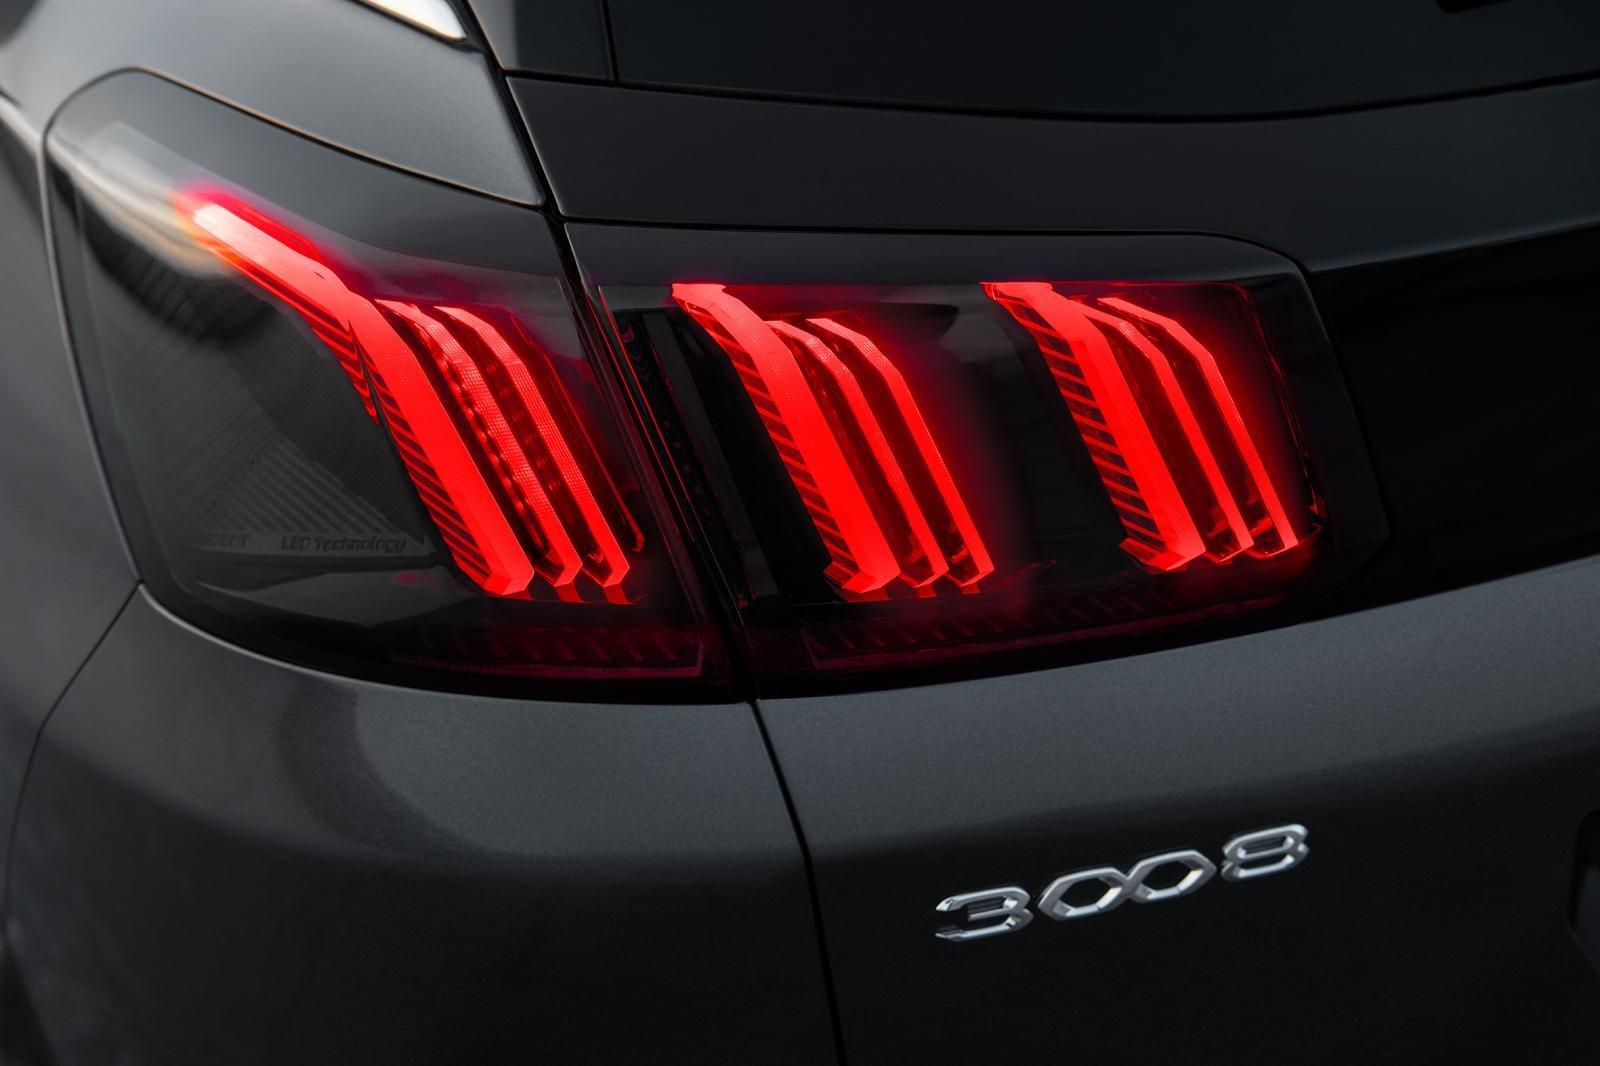 Đánh giá xe Peugeot 3008 2021 về thiết kế đuôi xe - Ảnh 1.